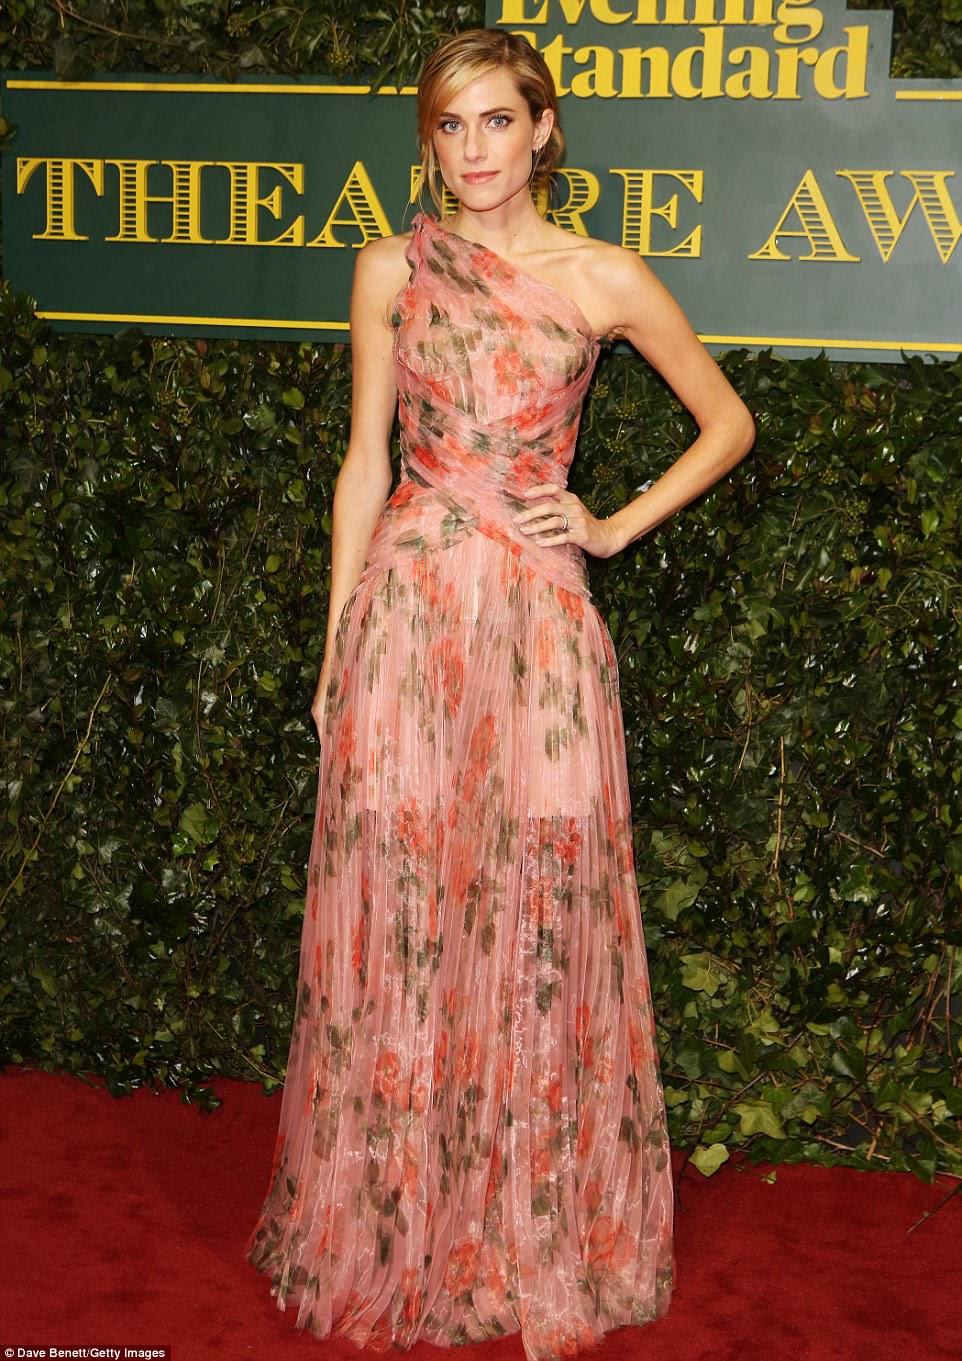 De bom gosto: com um padrão floral suave, o vestido garantiu que ela se destacava quando ela abriu caminho pelo tapete vermelho